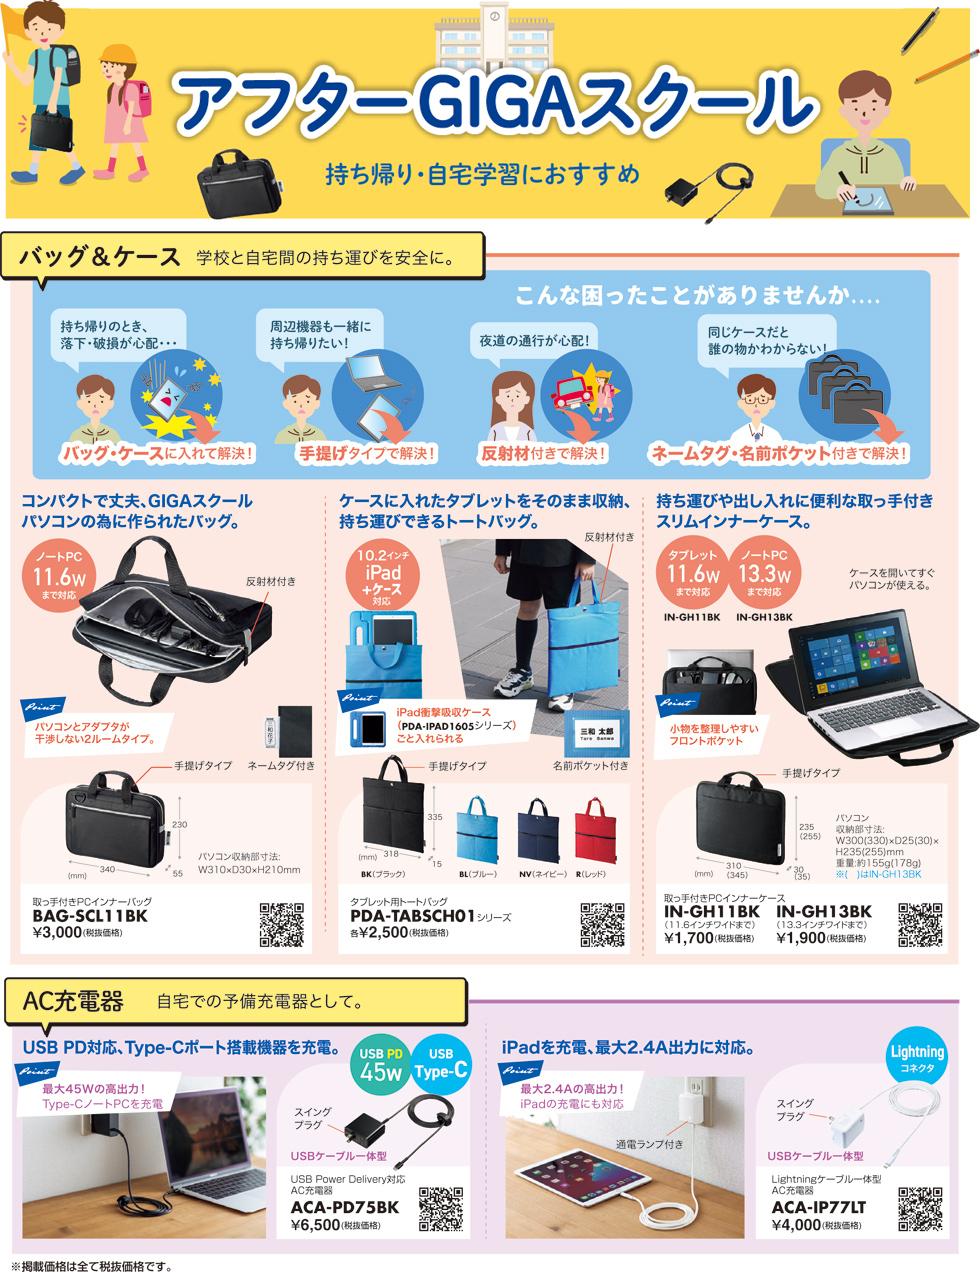 持ち帰り・自宅学習におすすめ アフターGIGAスクールのご案内。バッグ&ケース、AC充電器